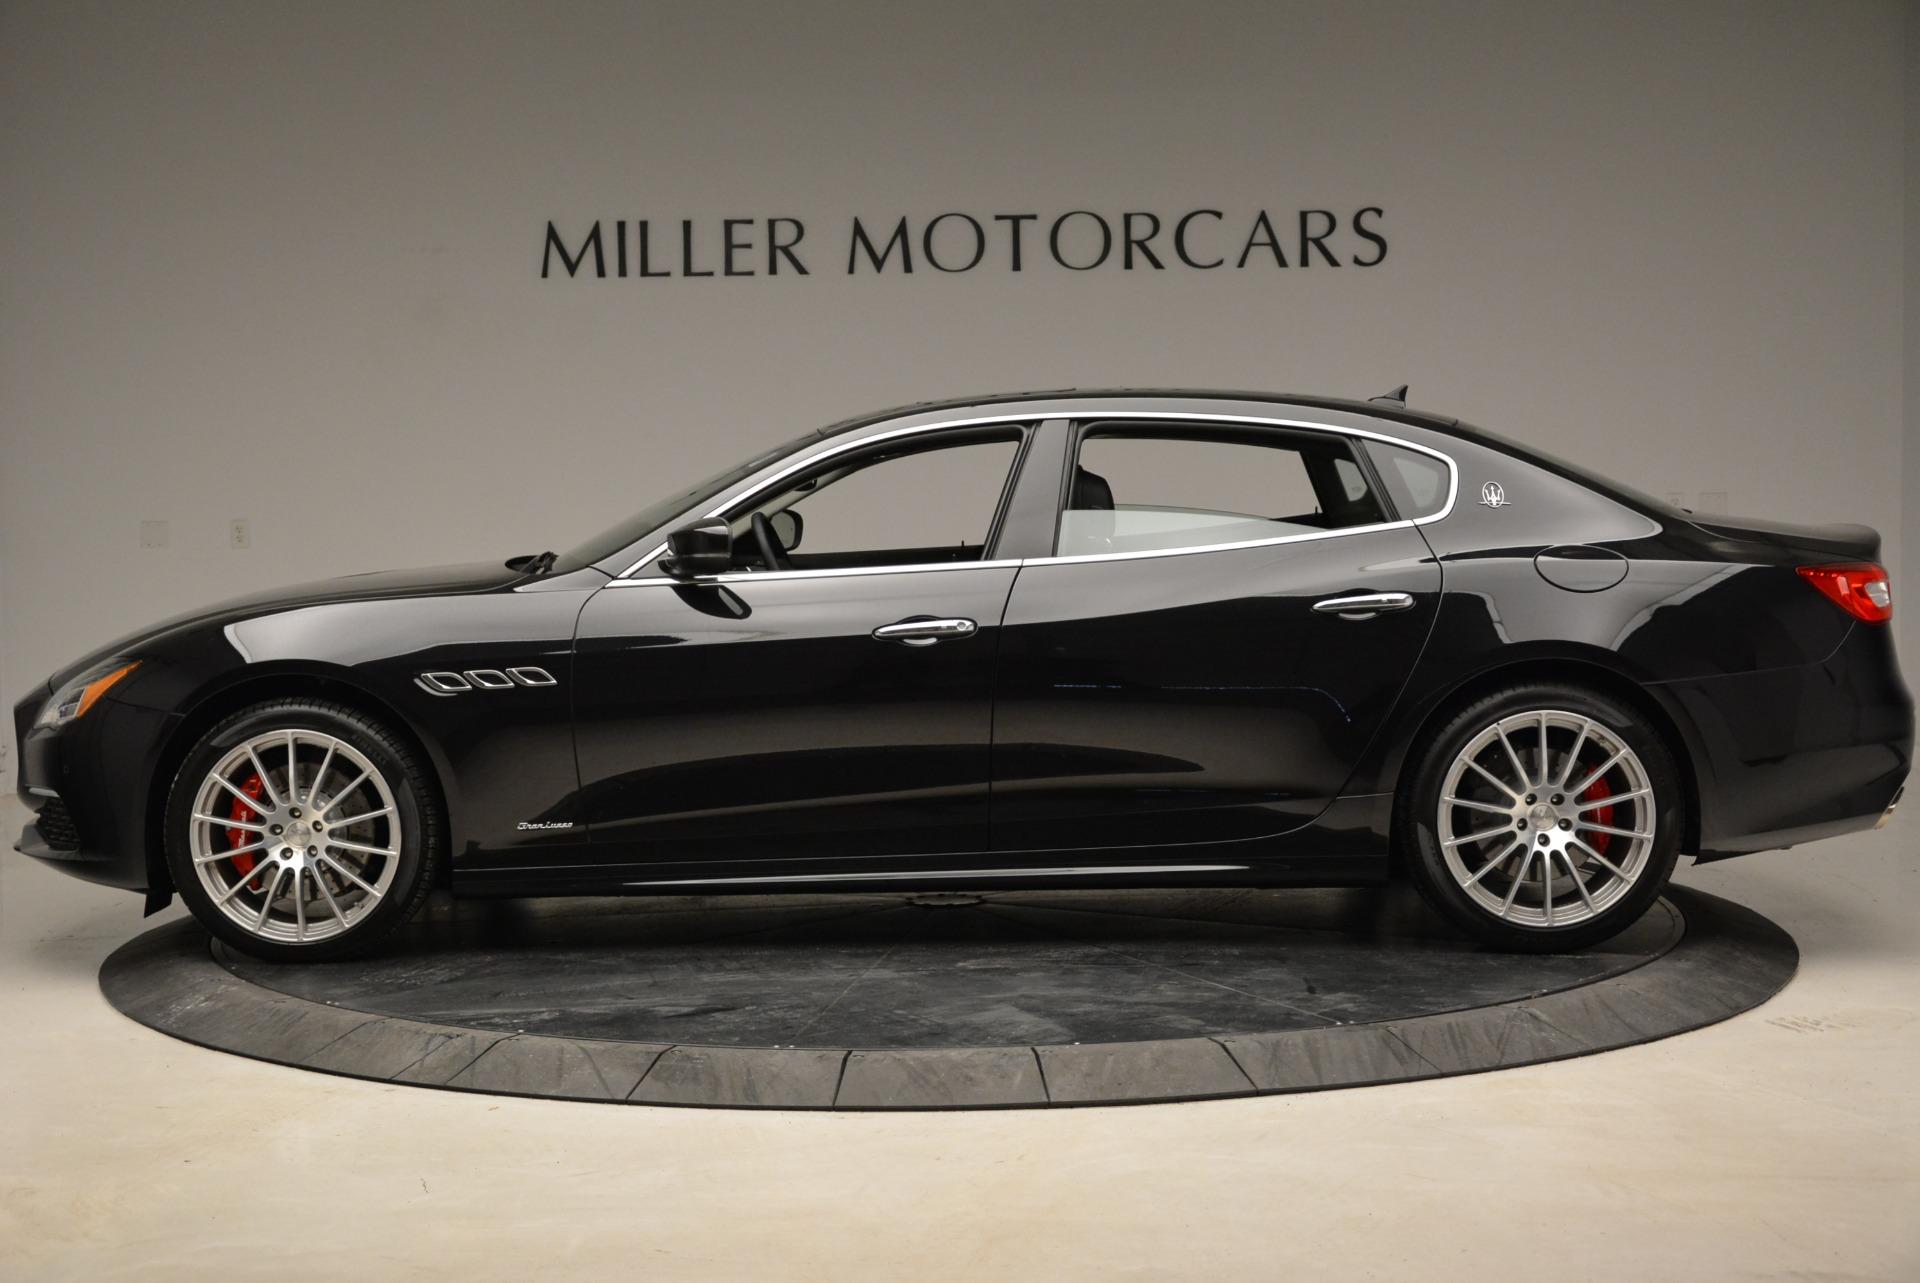 New 2018 Maserati Quattroporte S Q4 GranLusso For Sale In Greenwich, CT 2386_p3